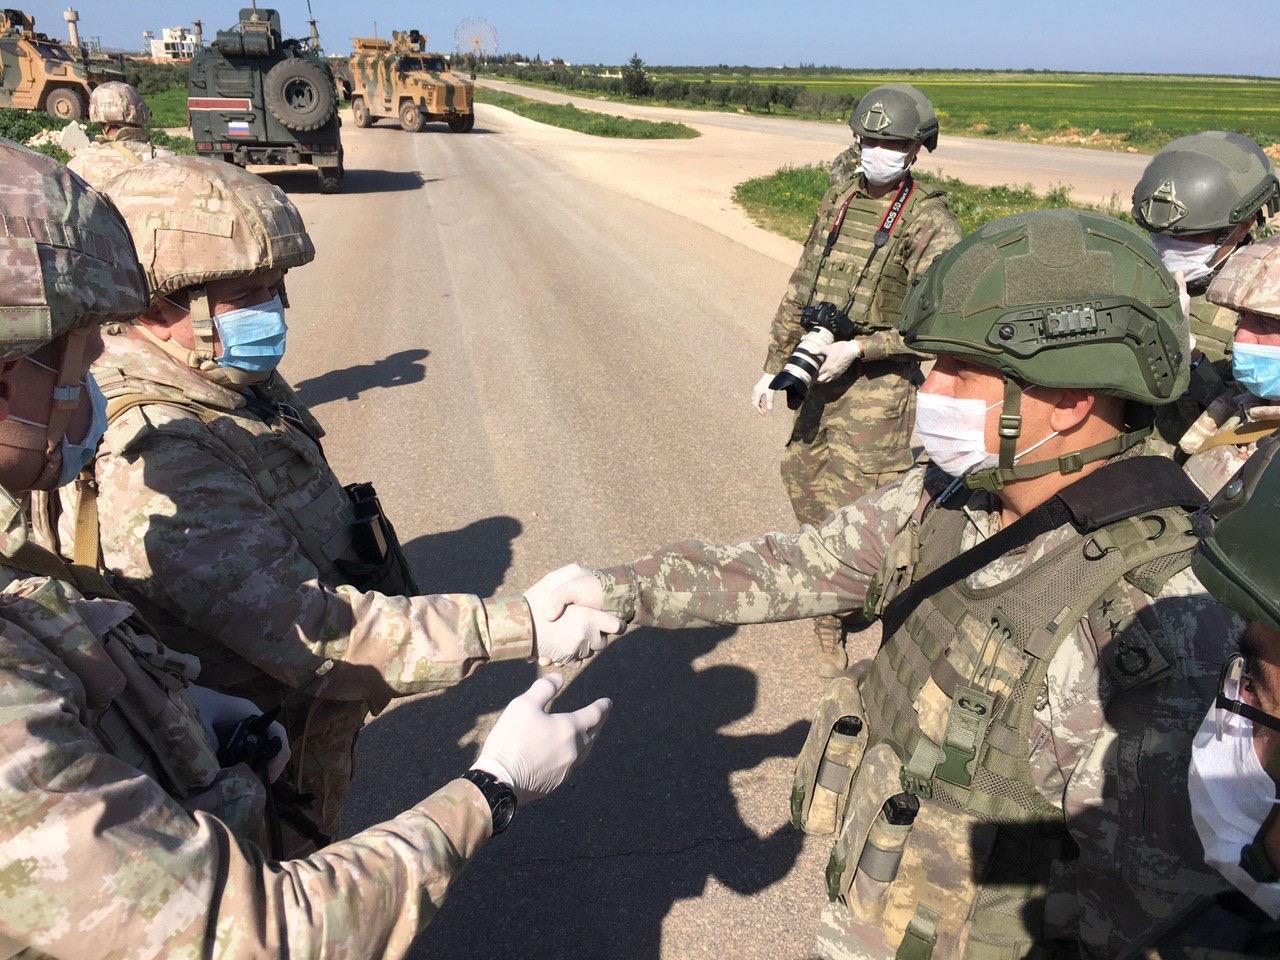 Serakab_Siriya_Tret'e_sovmestnoe_rossijsko-tureckoe_patrulirovanie_uchastka_trassy_M-4.Ill.2